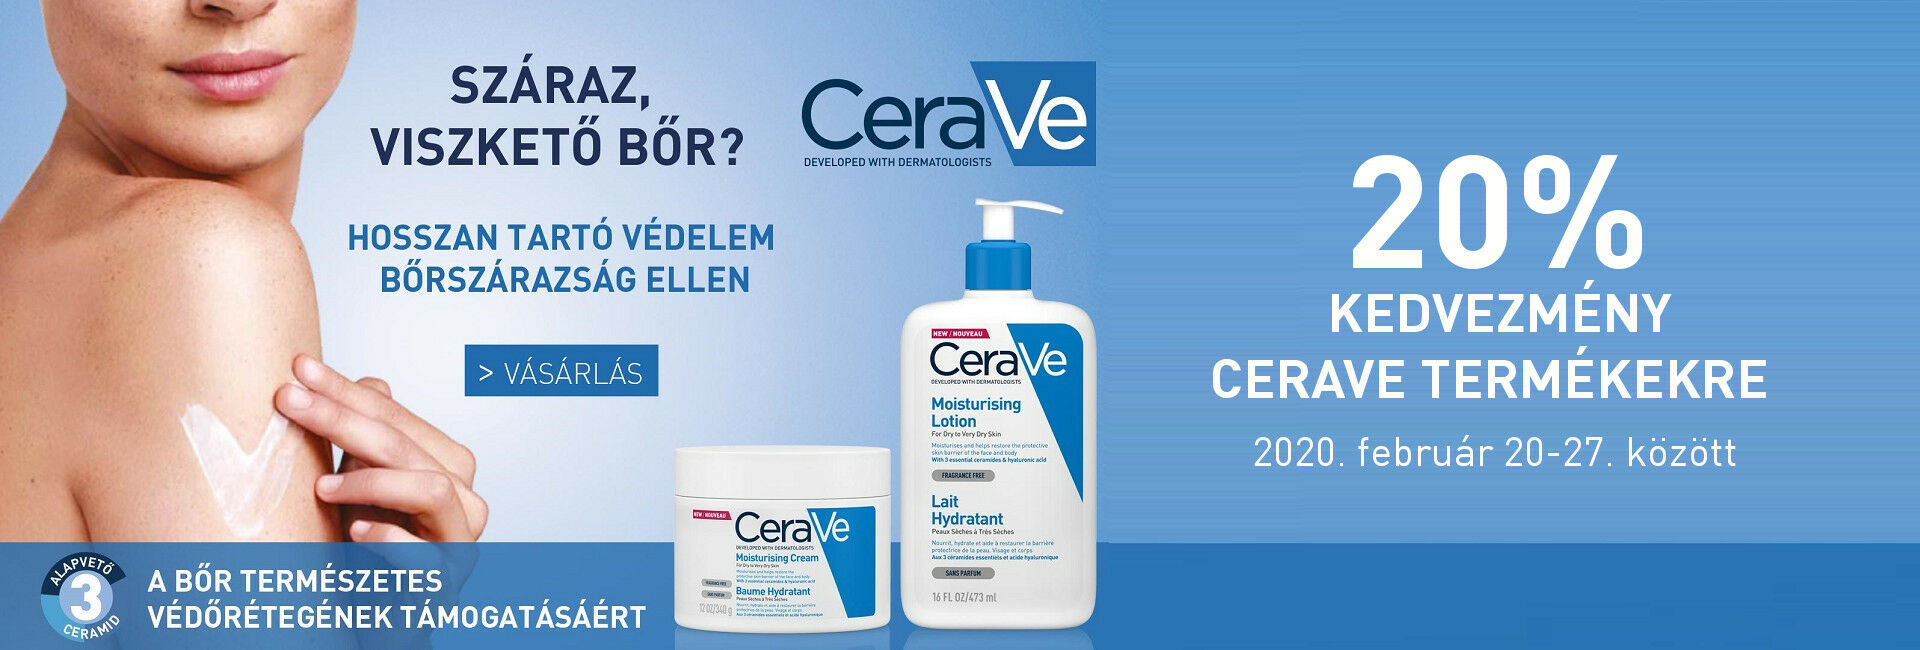 2020. február 20-27. között minden CeraVe terméket 20% kedvezménnyel kínálunk!